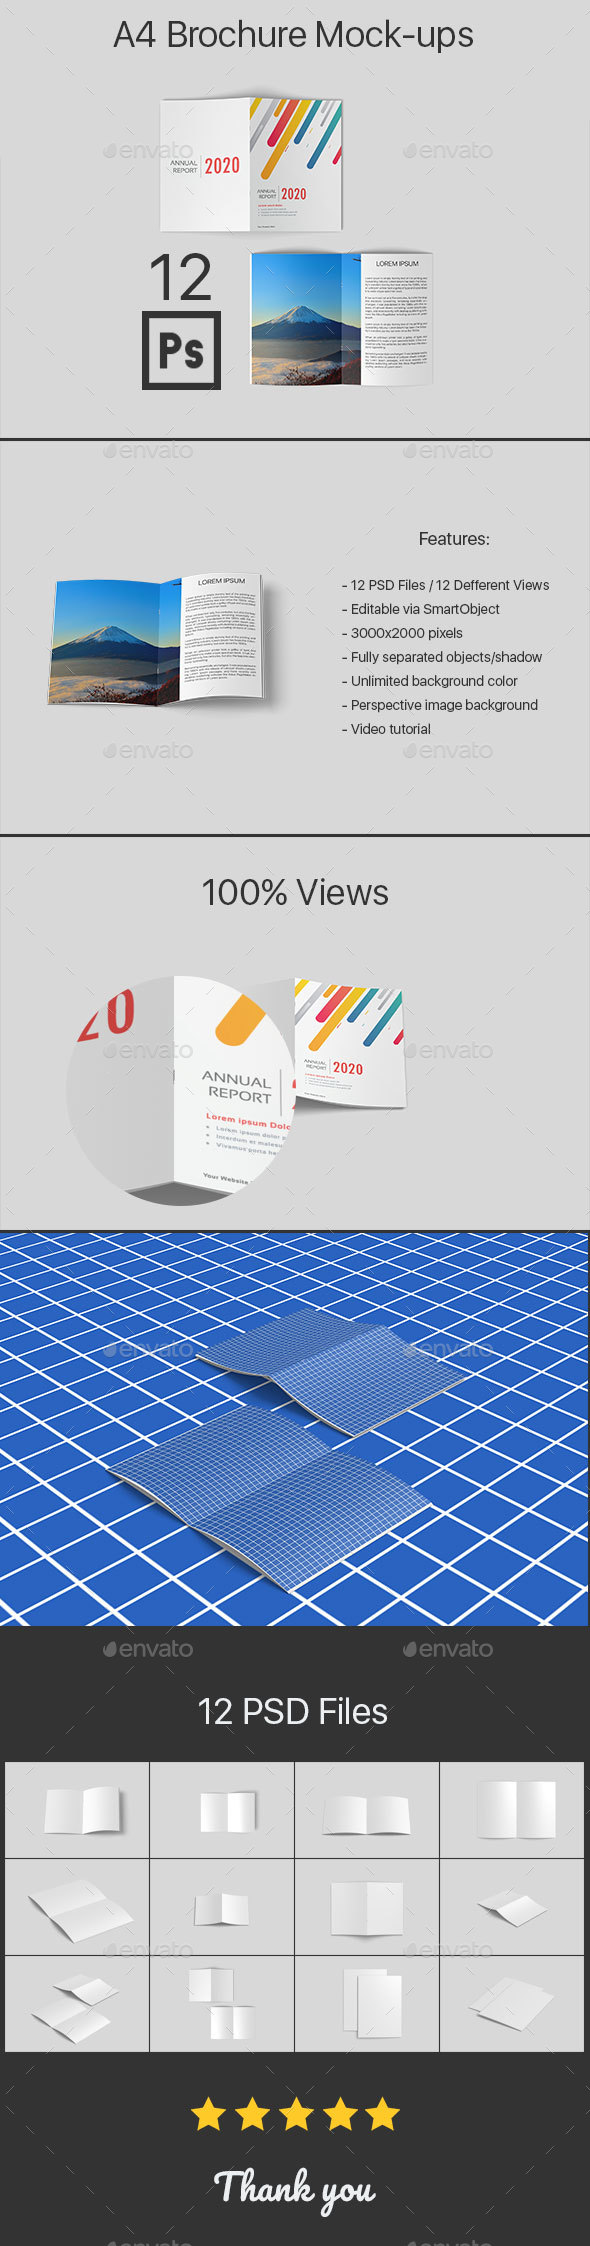 A4 Brochure Mock-ups 12 PSD Files - Product Mock-Ups Graphics